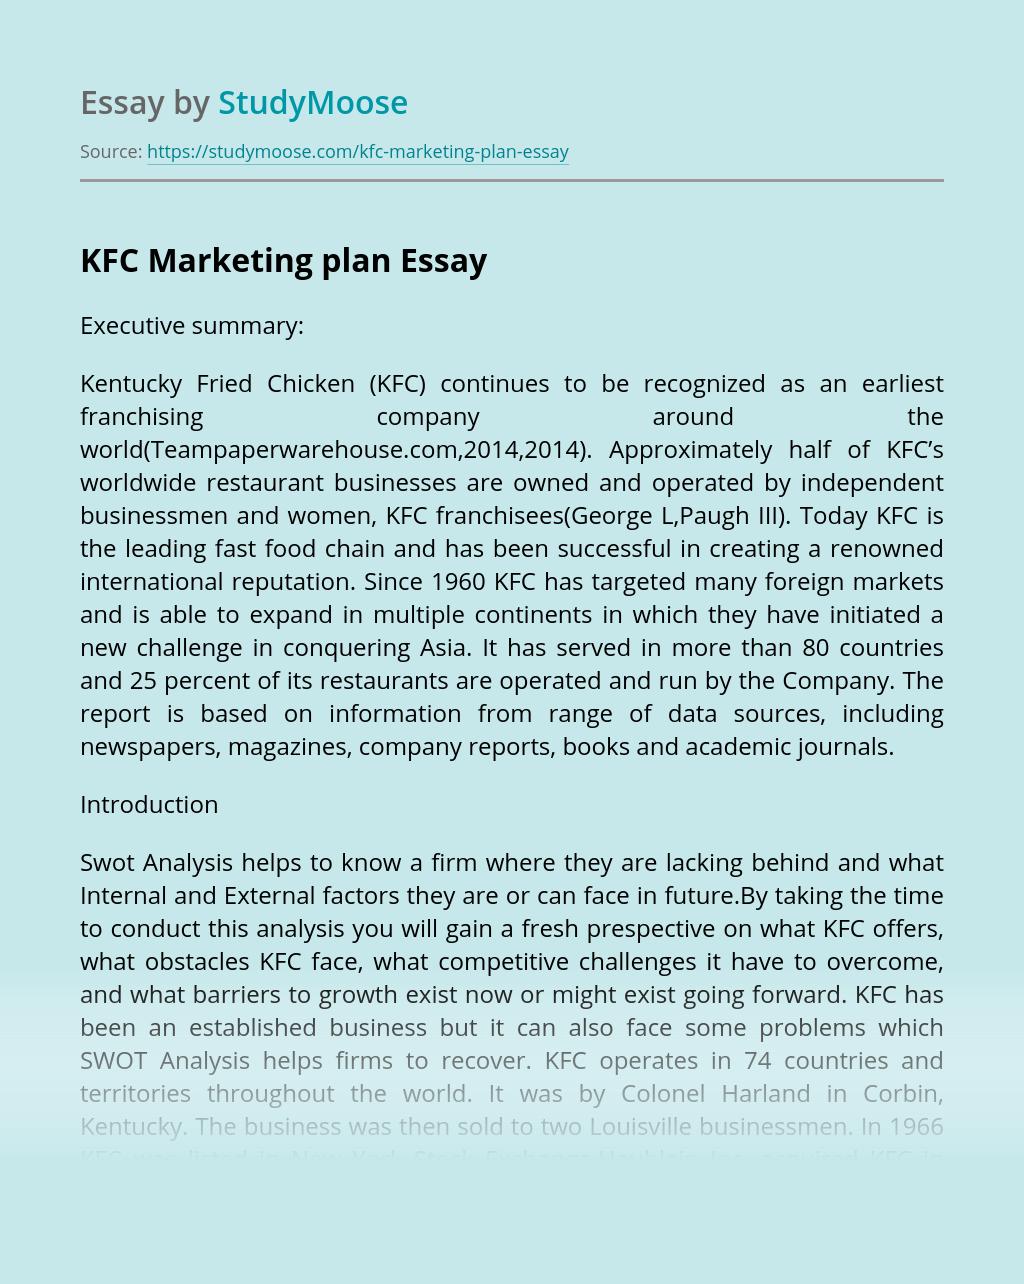 KFC Marketing plan